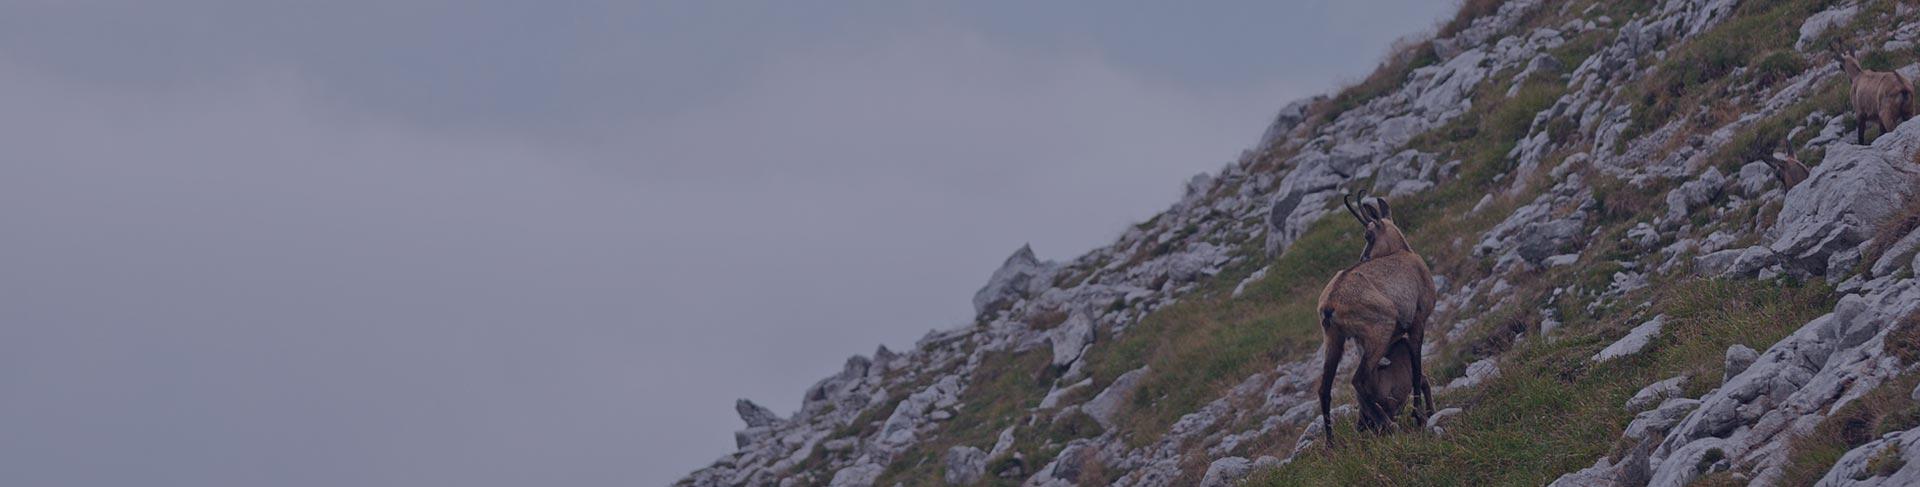 Admont utisci, smeštaj i atrakcije Austrija Štajerska